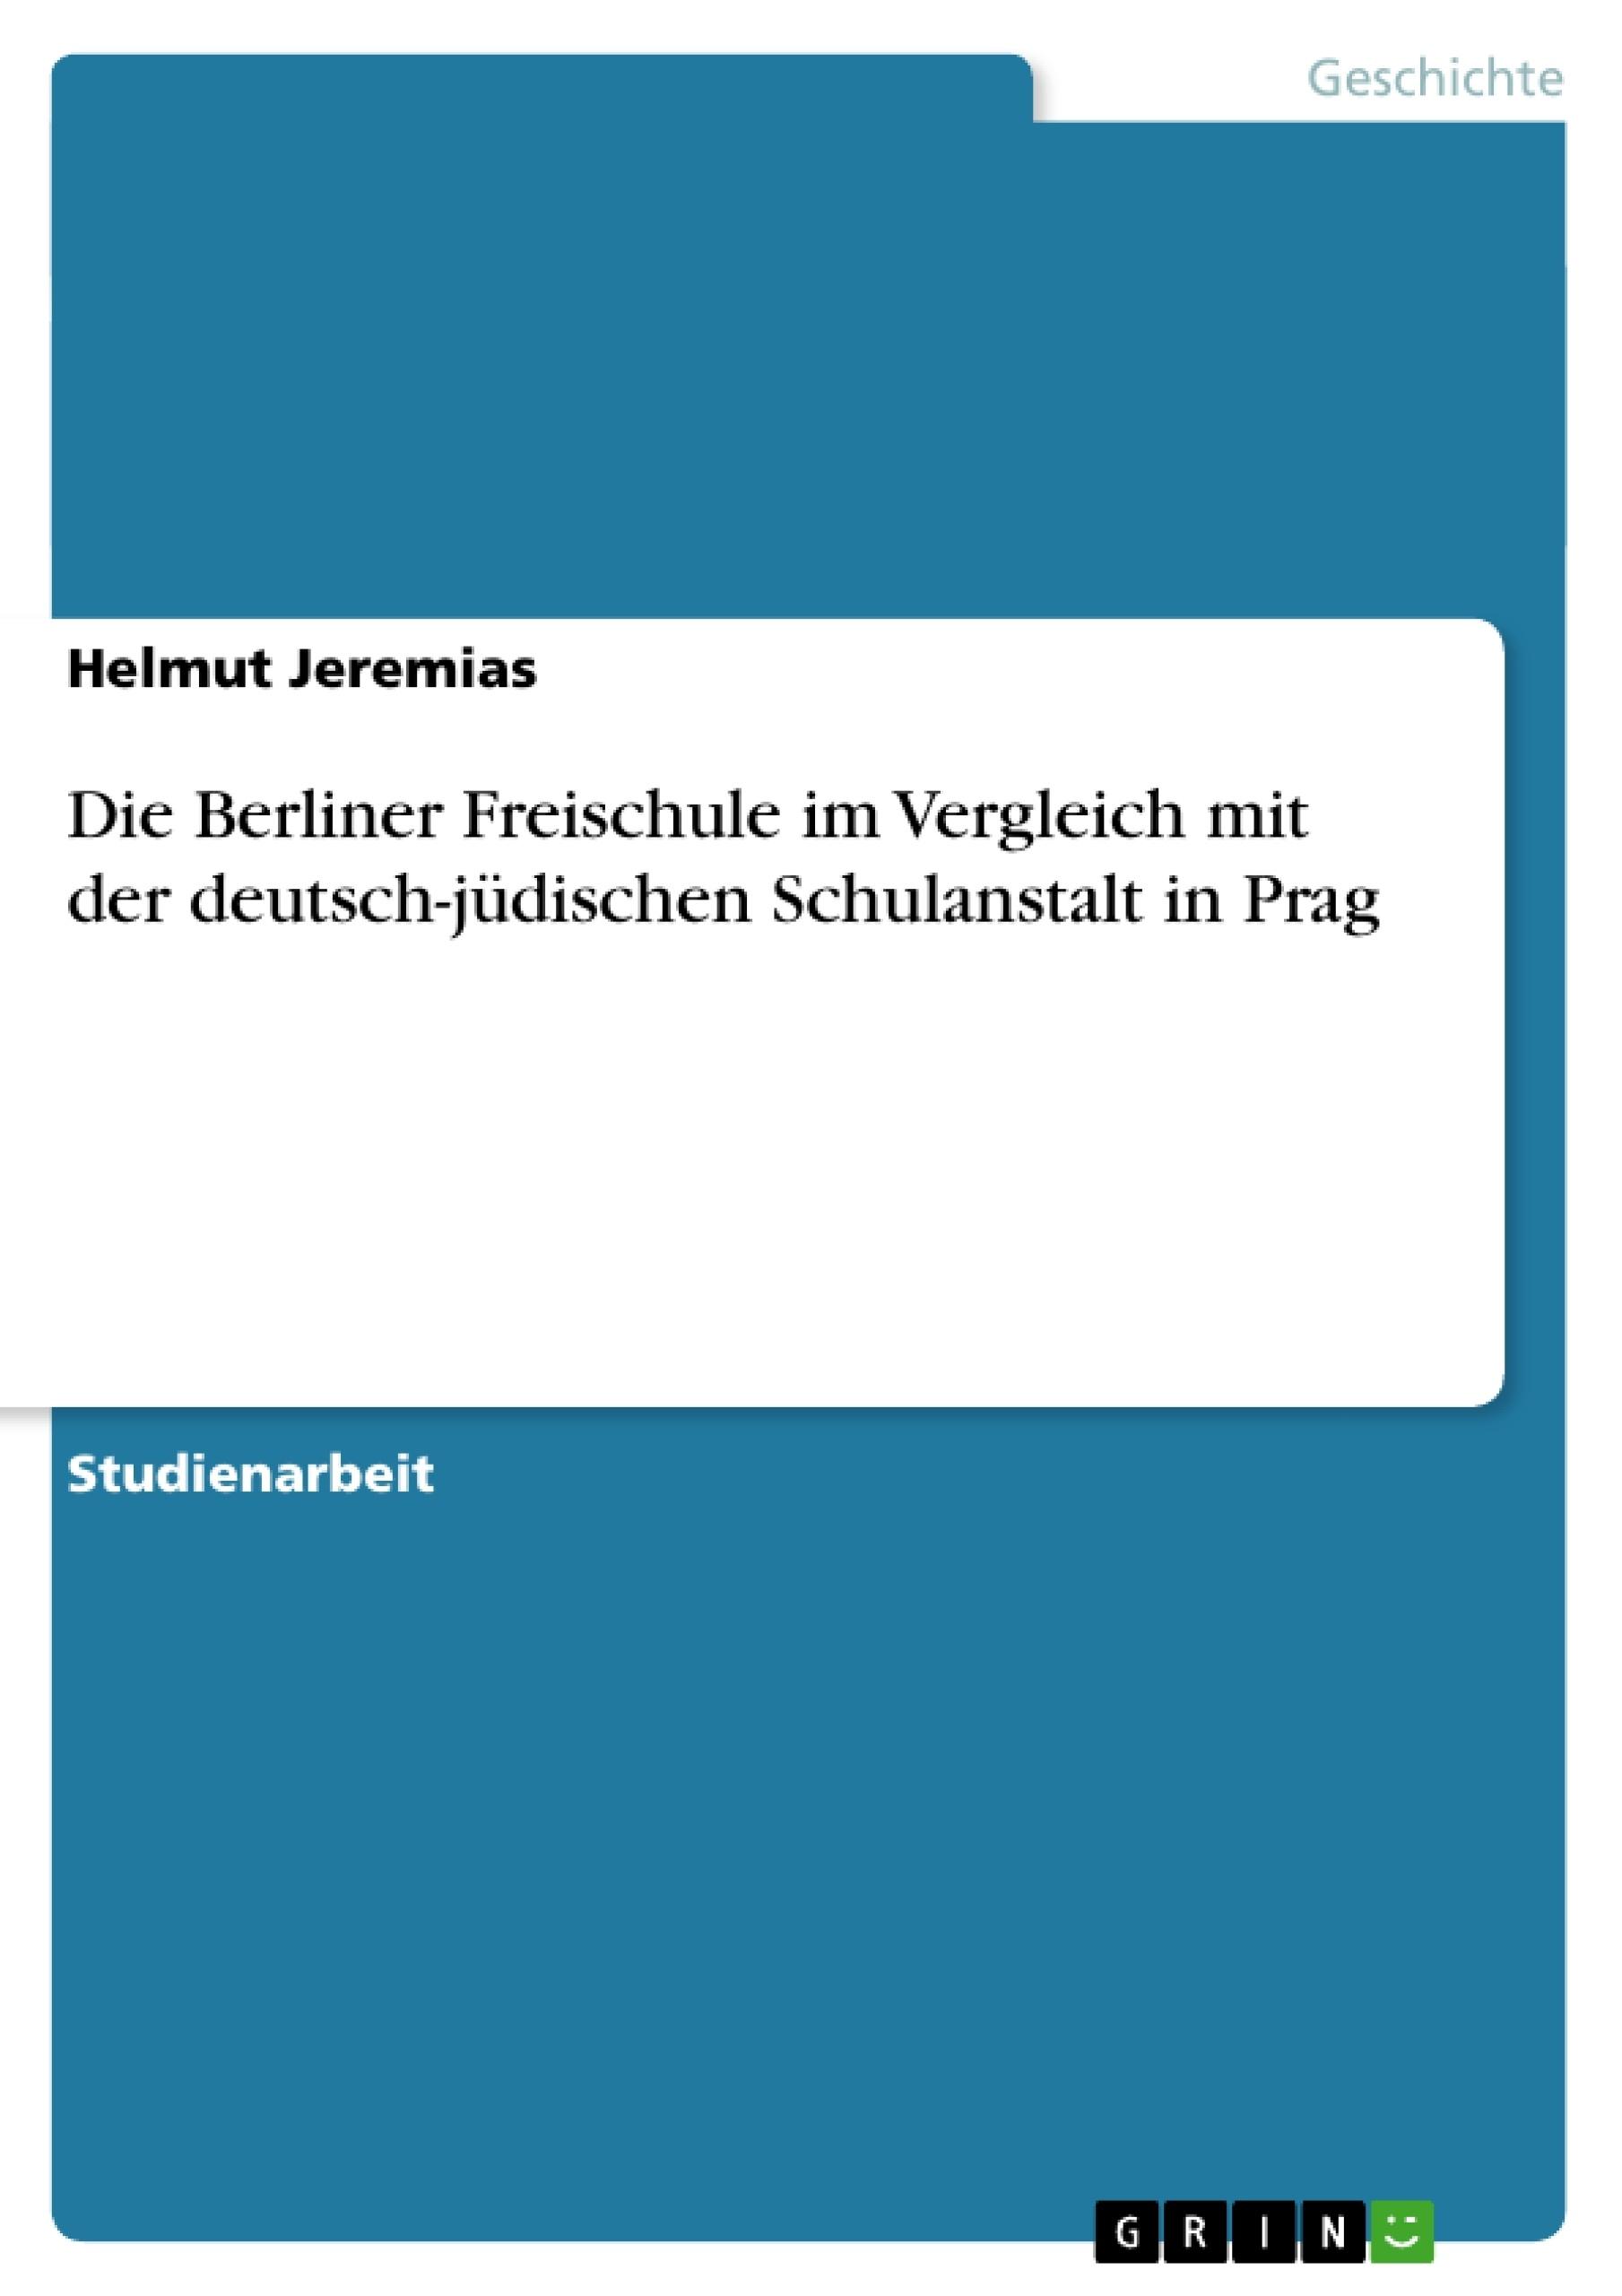 Titel: Die Berliner Freischule im Vergleich mit der deutsch-jüdischen Schulanstalt in Prag